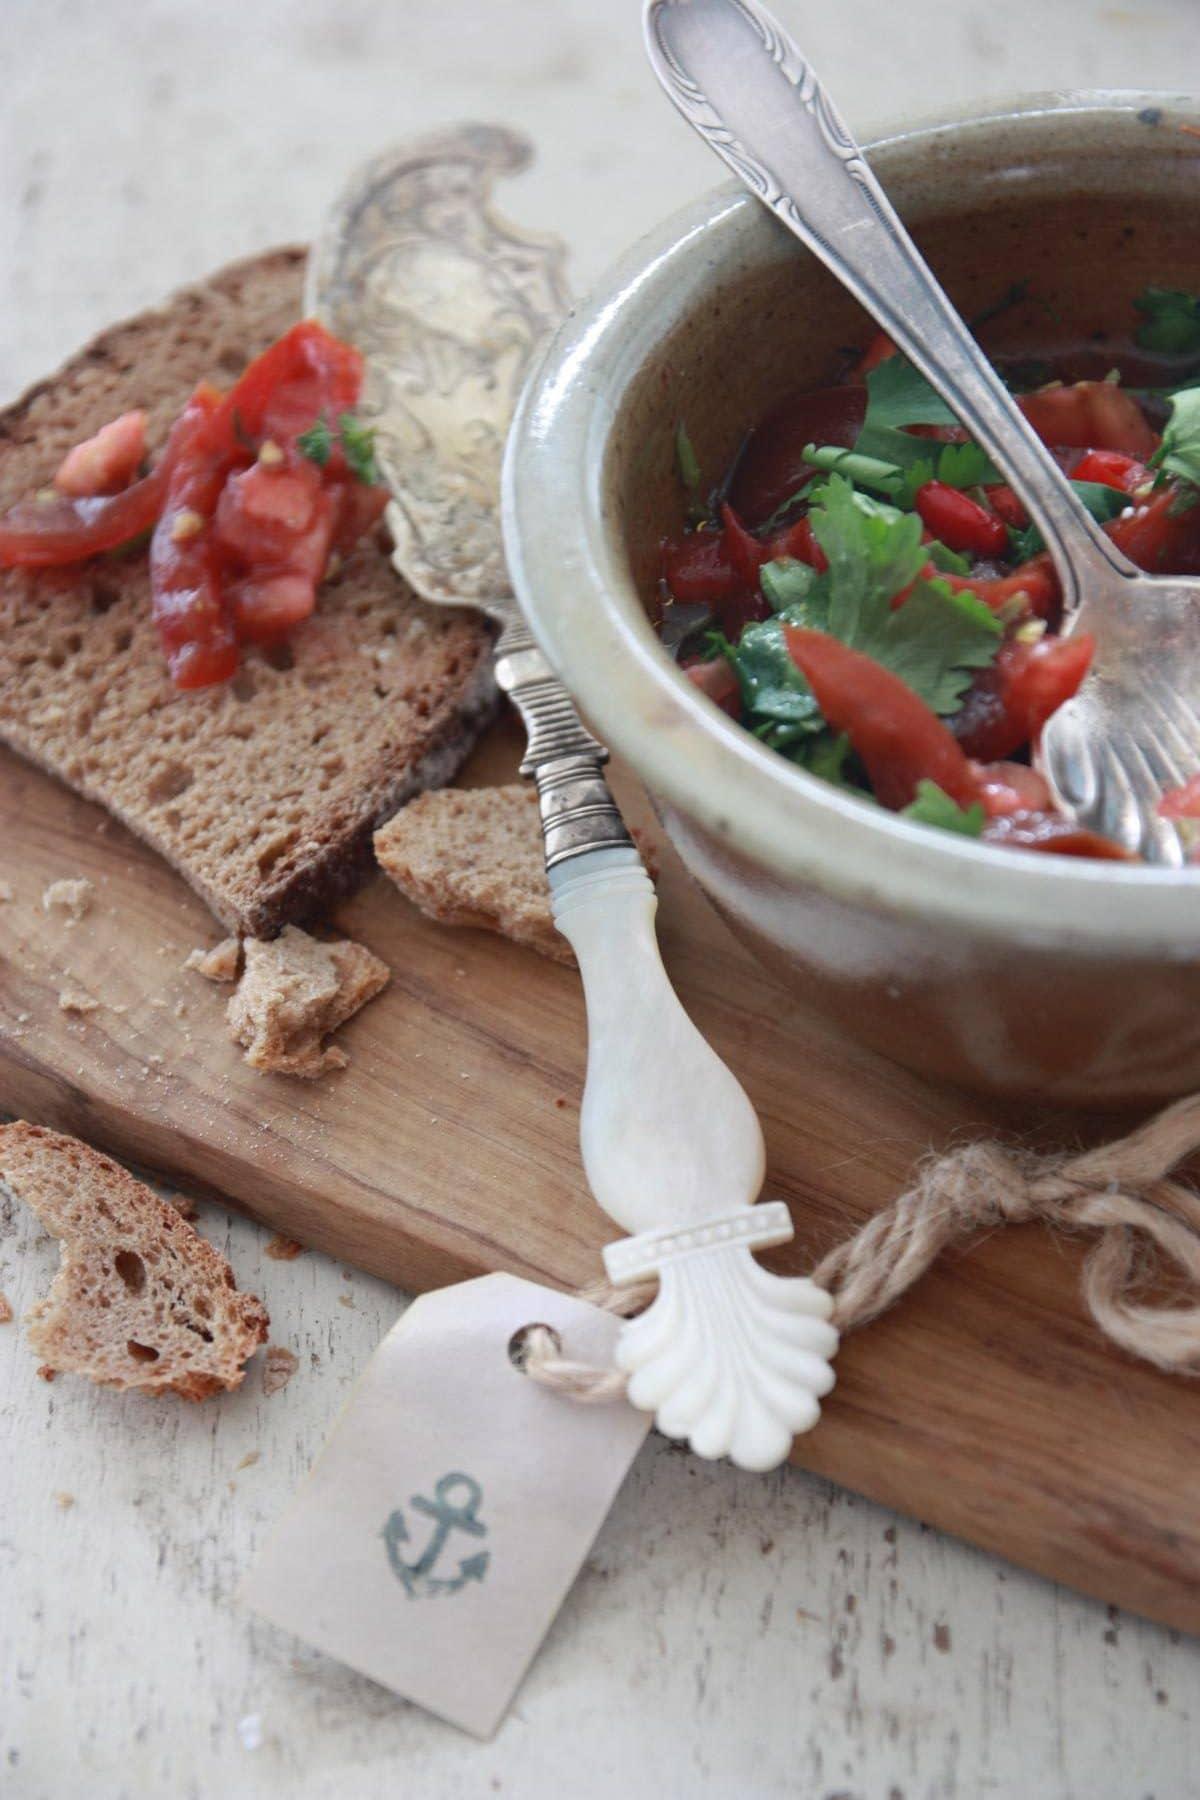 Tomaten-Salsa mit Koriander und Knobauch mit frischem Landbrot und Keramikschale sowie Holzbrett und selbstgemachtem Anhänger. © Copyright Bettina Katscher 2019